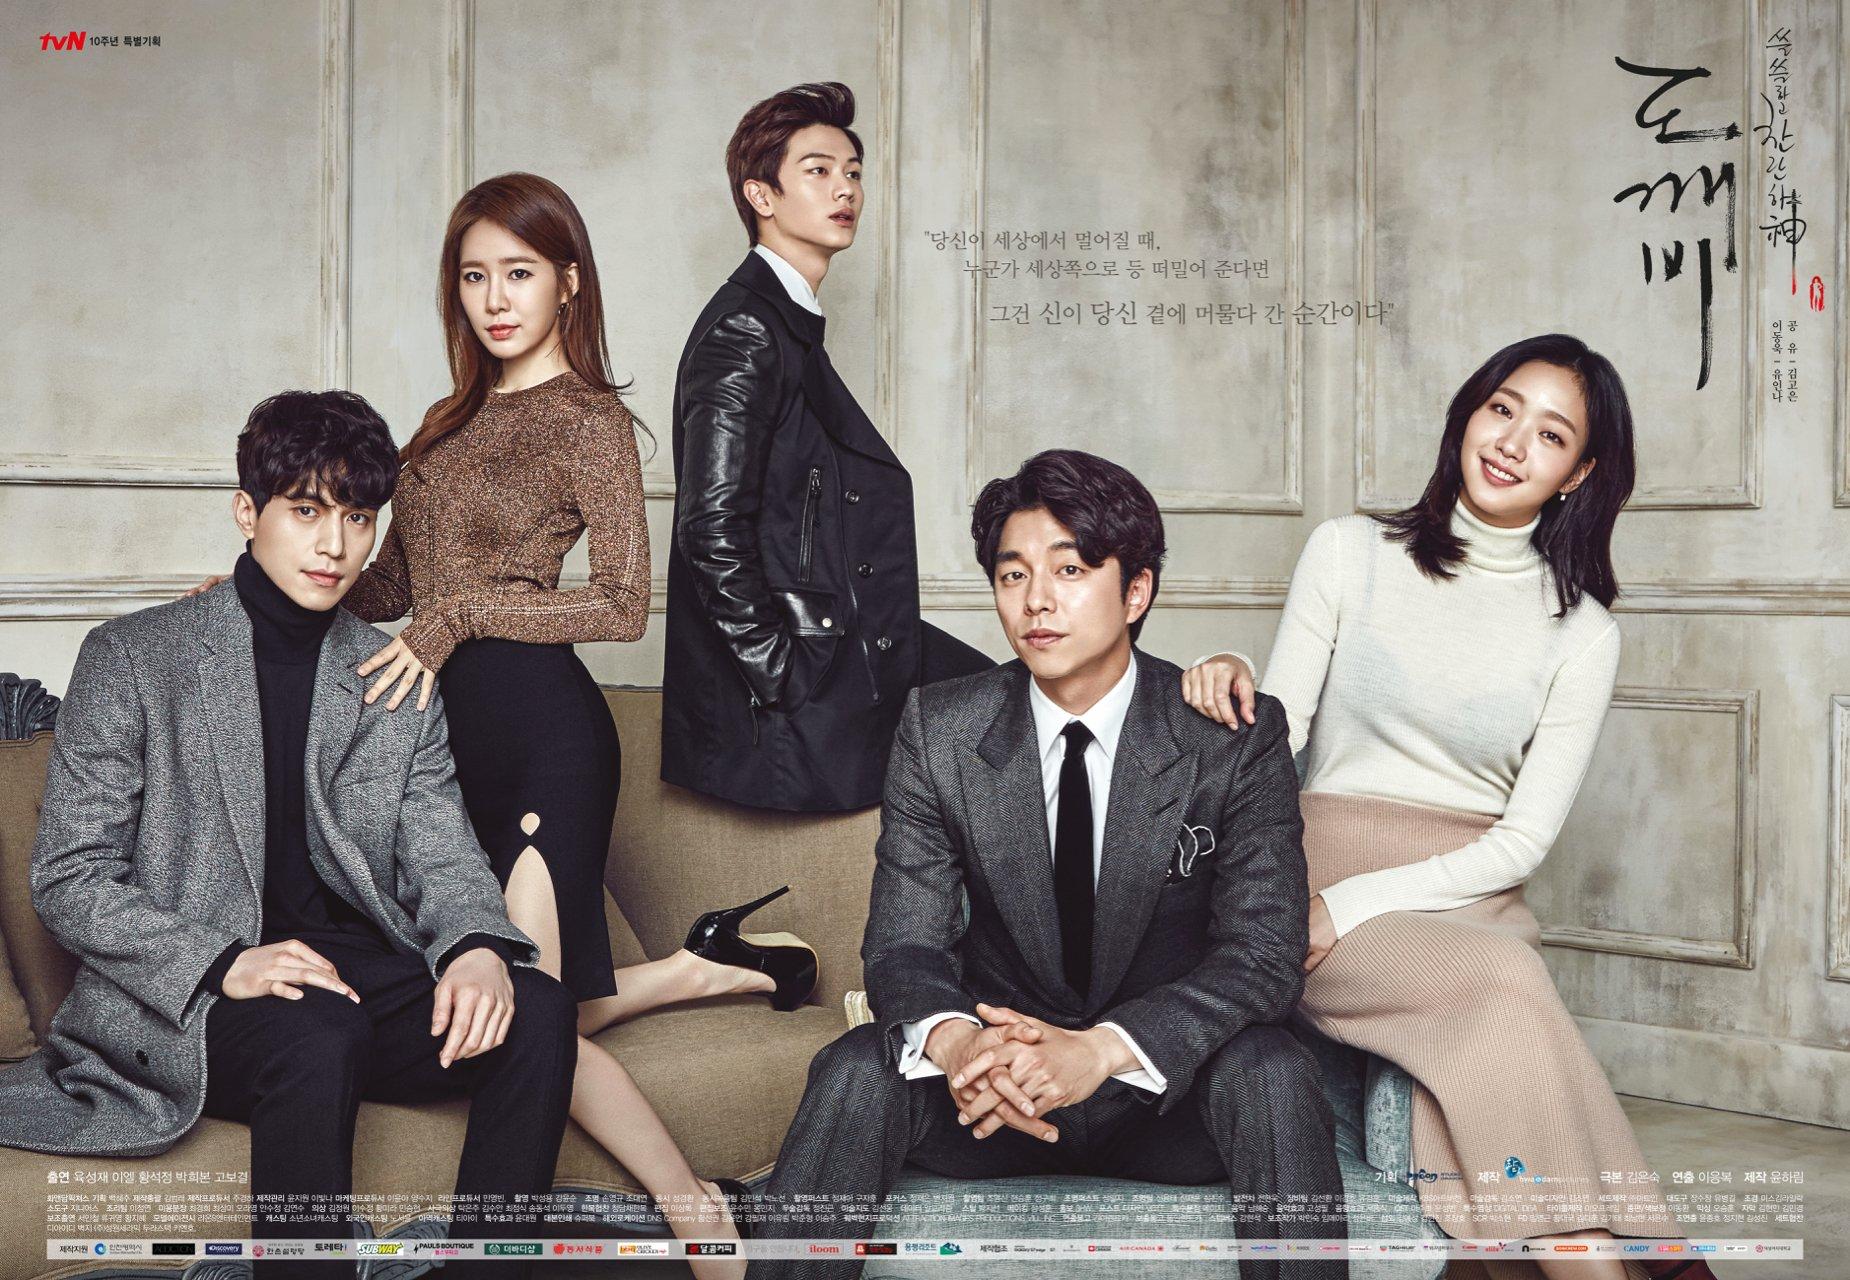 """Yêu tinh sở hữu đủ mọi yếu tố """"thiên thời – địa lời – nhân hòa"""" để trở thành bộ phim thứ hai có rating cao nhất trong lịch sử truyền hình Hàn Quốc sau Reply 1988."""